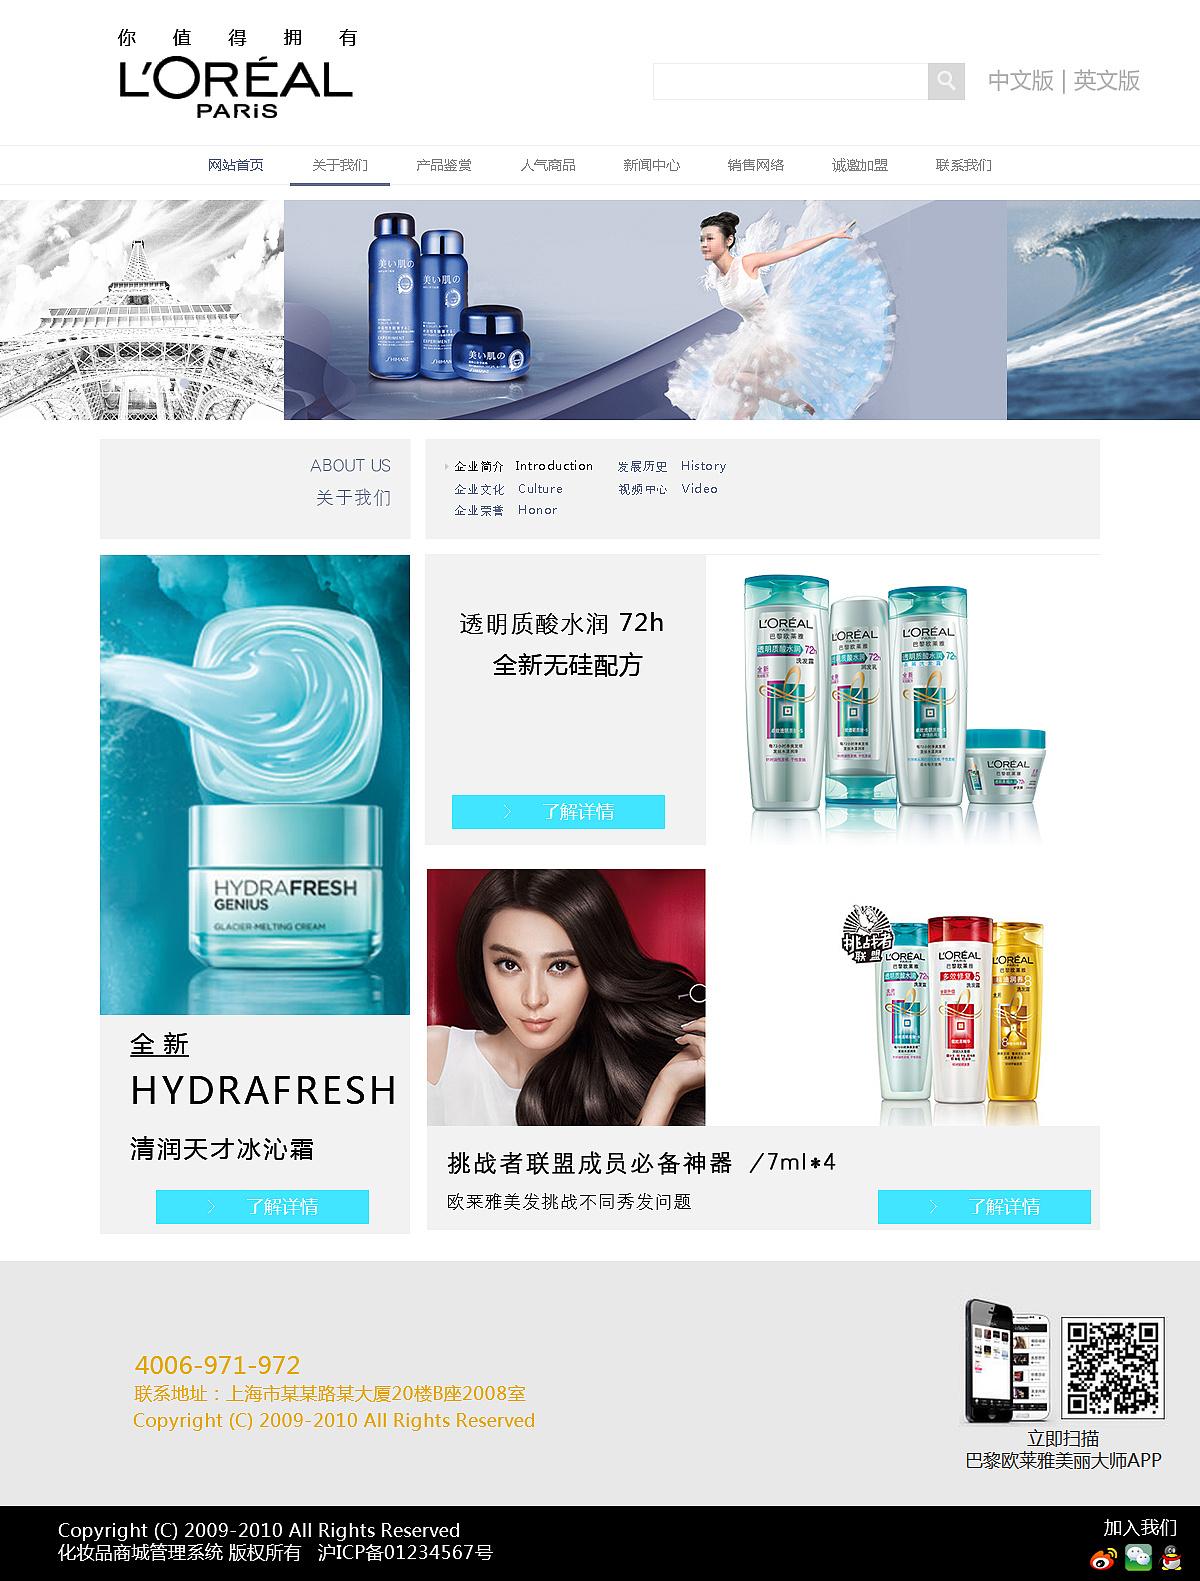 针对电商网站的排版布局,颜色搭配做了细致的分析图片